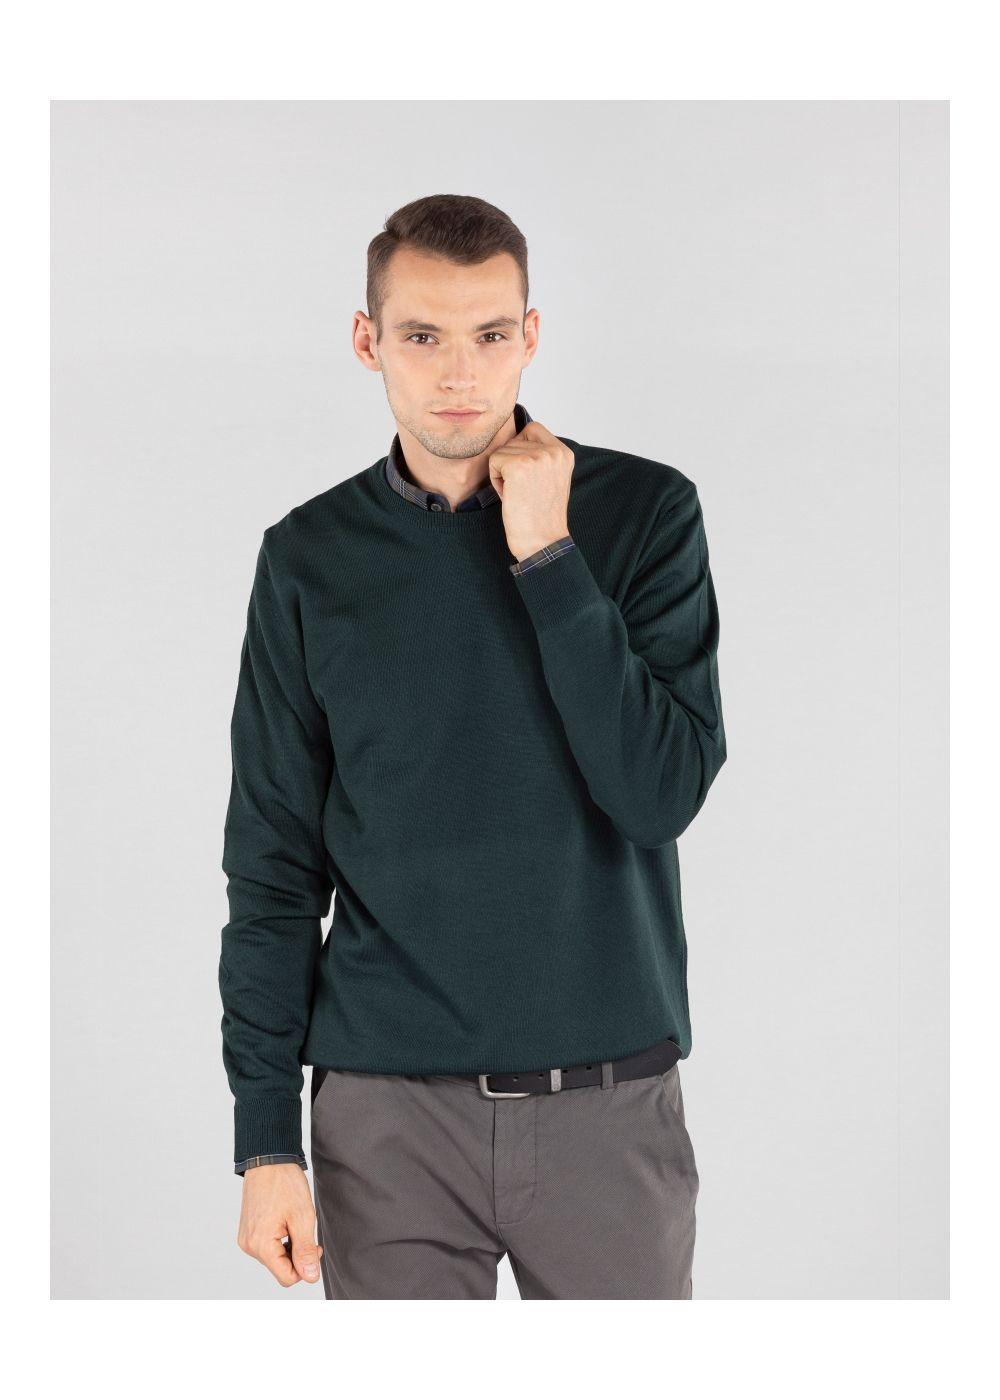 Sweter męski SWEMT-0089-51(Z20)